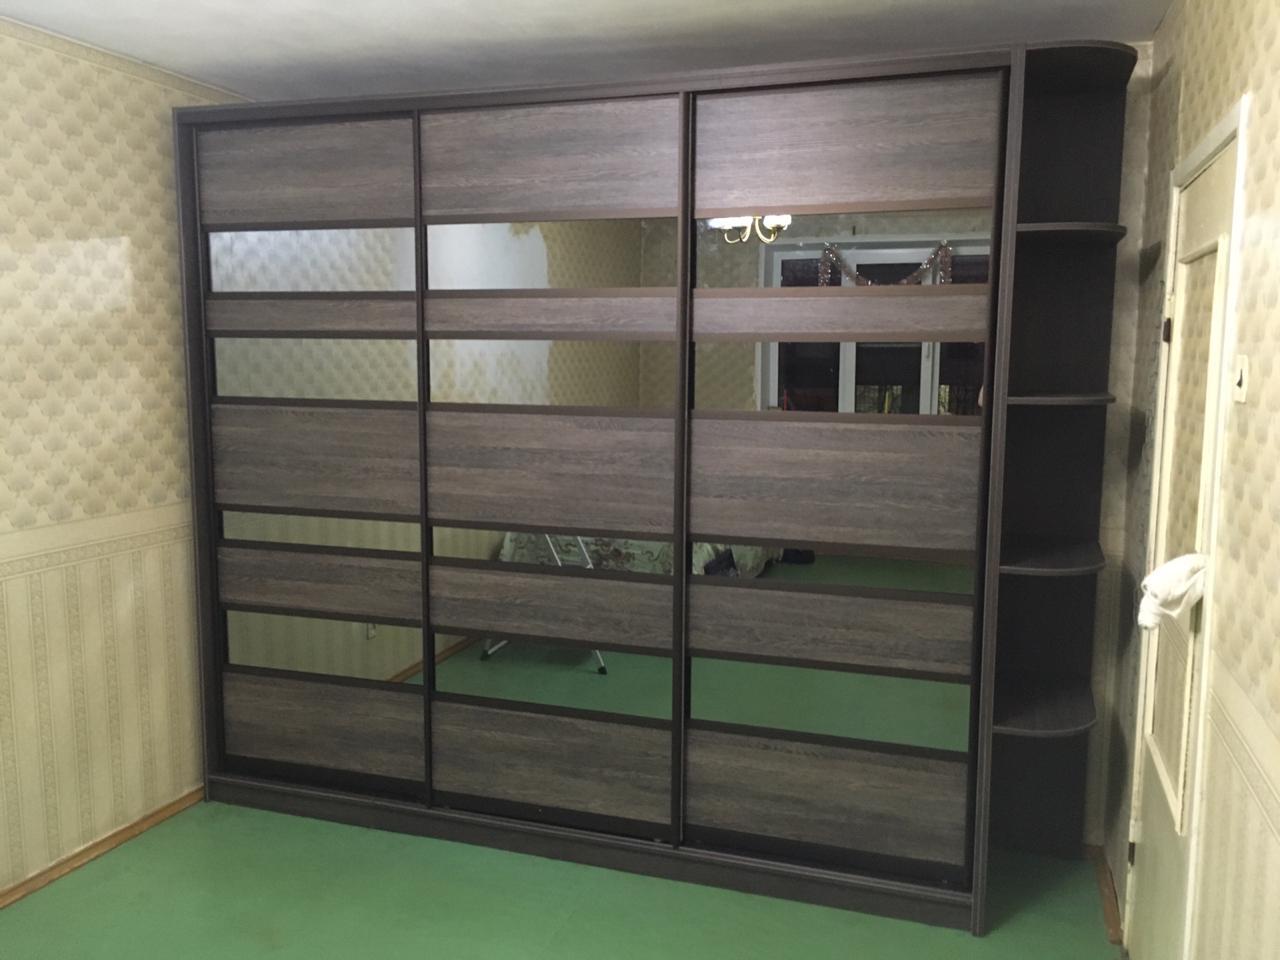 Шкаф-купе 3-х створчатый S ЛДСП с зеркальными вставками и угловым стеллажом